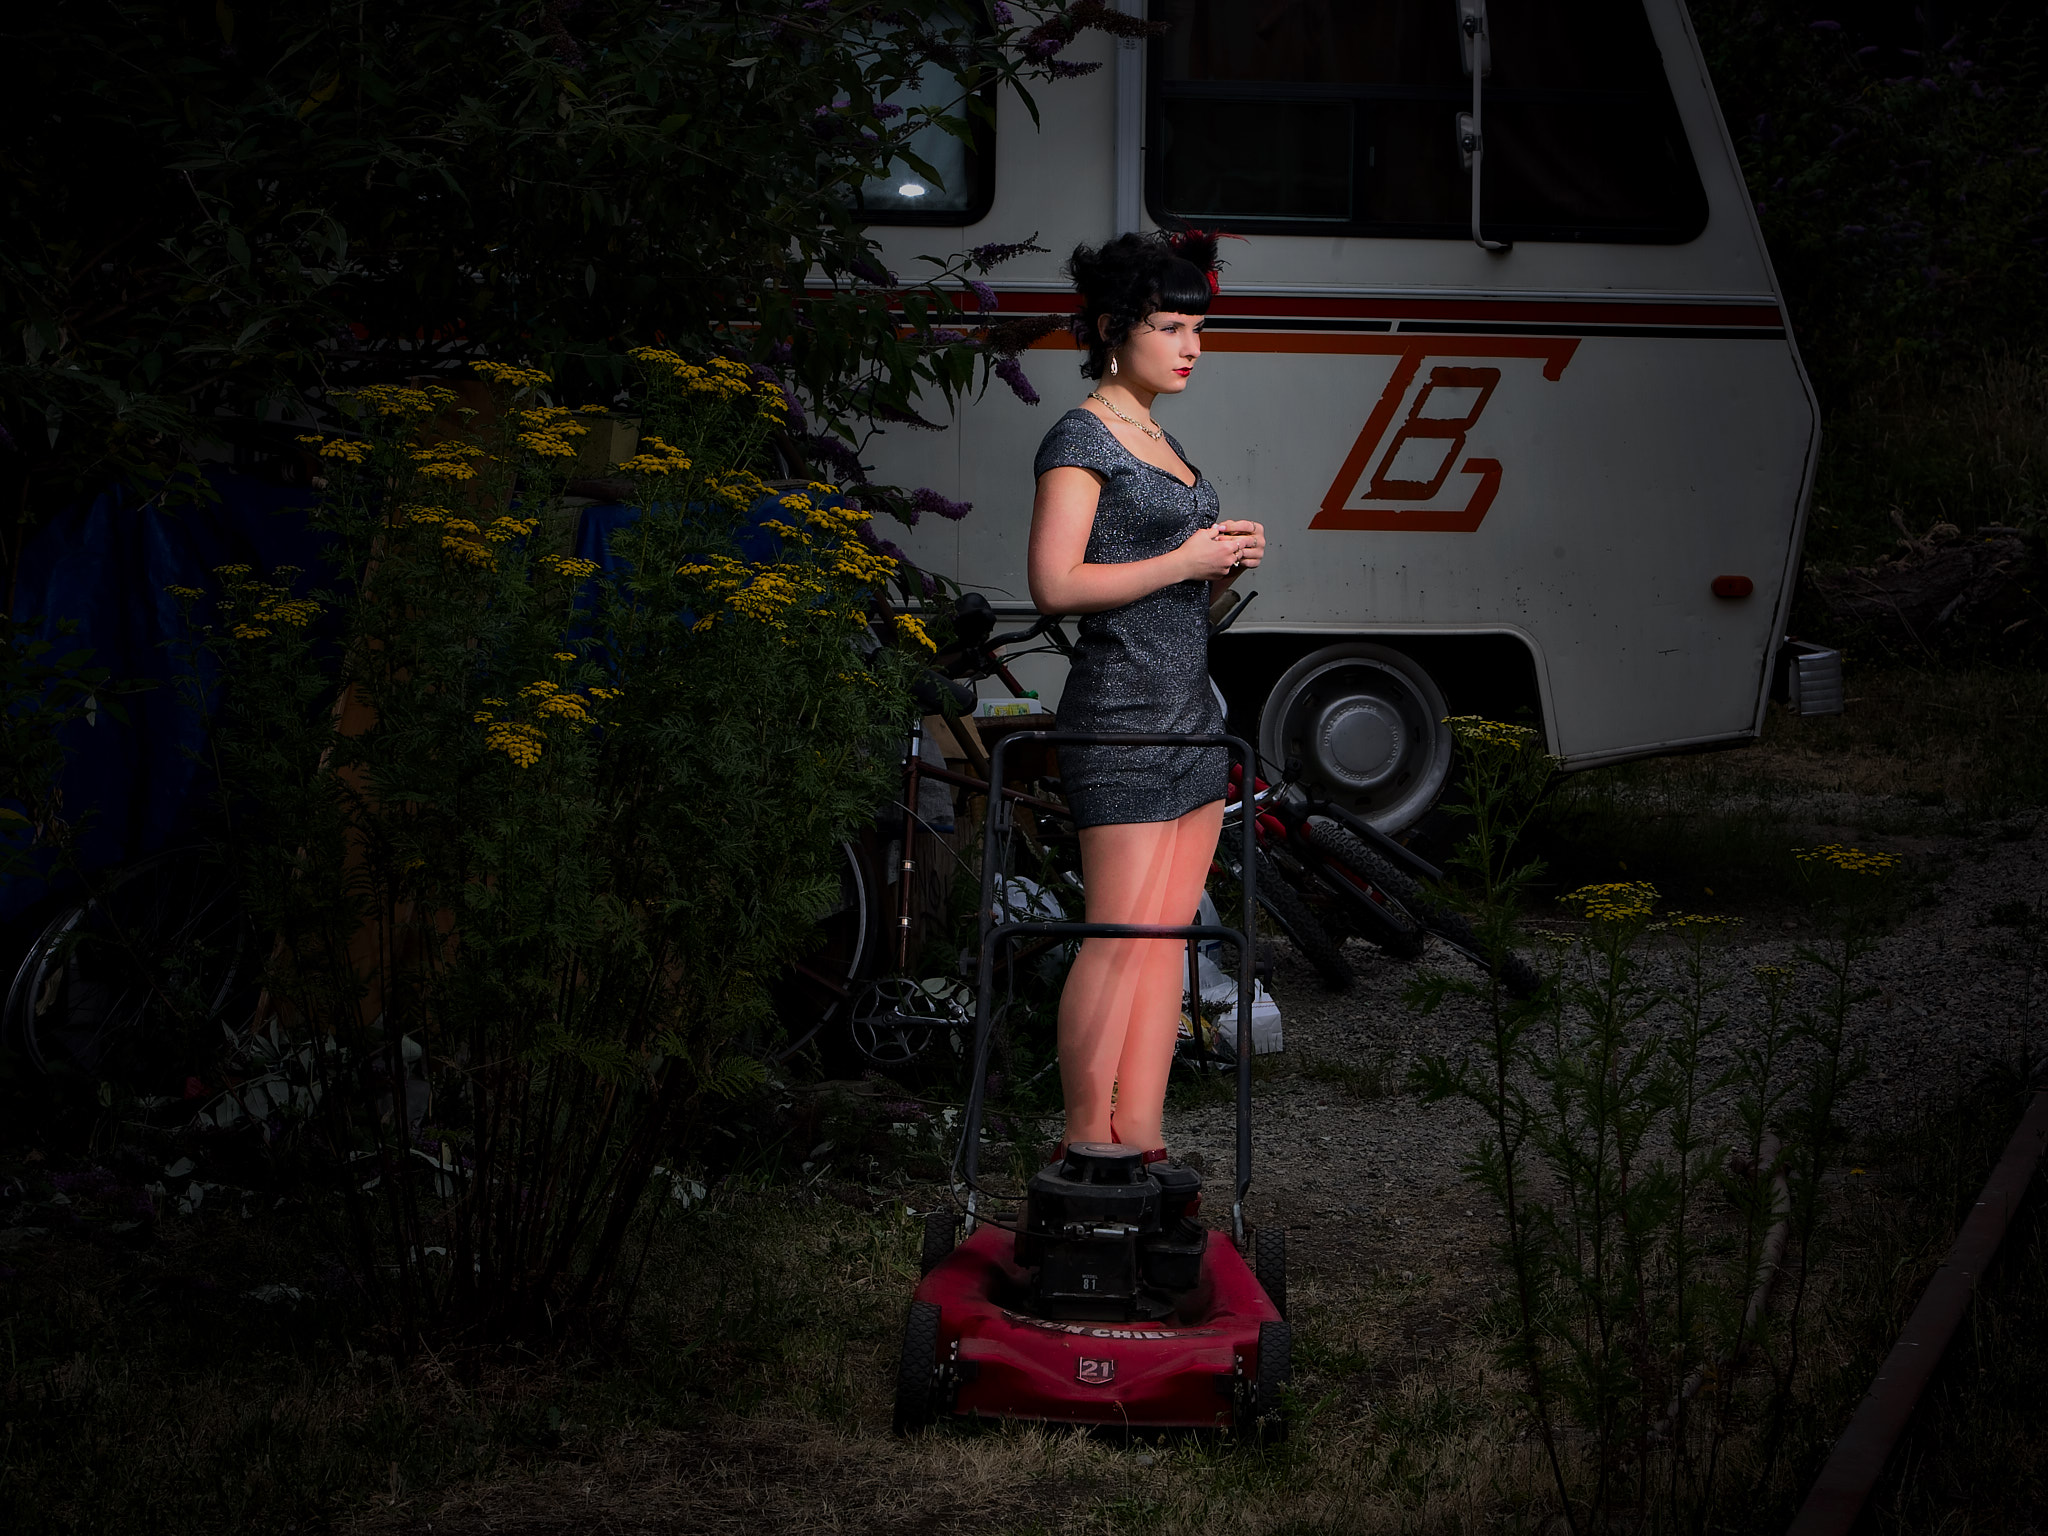 Brunette Outside w Lawnmower.jpg